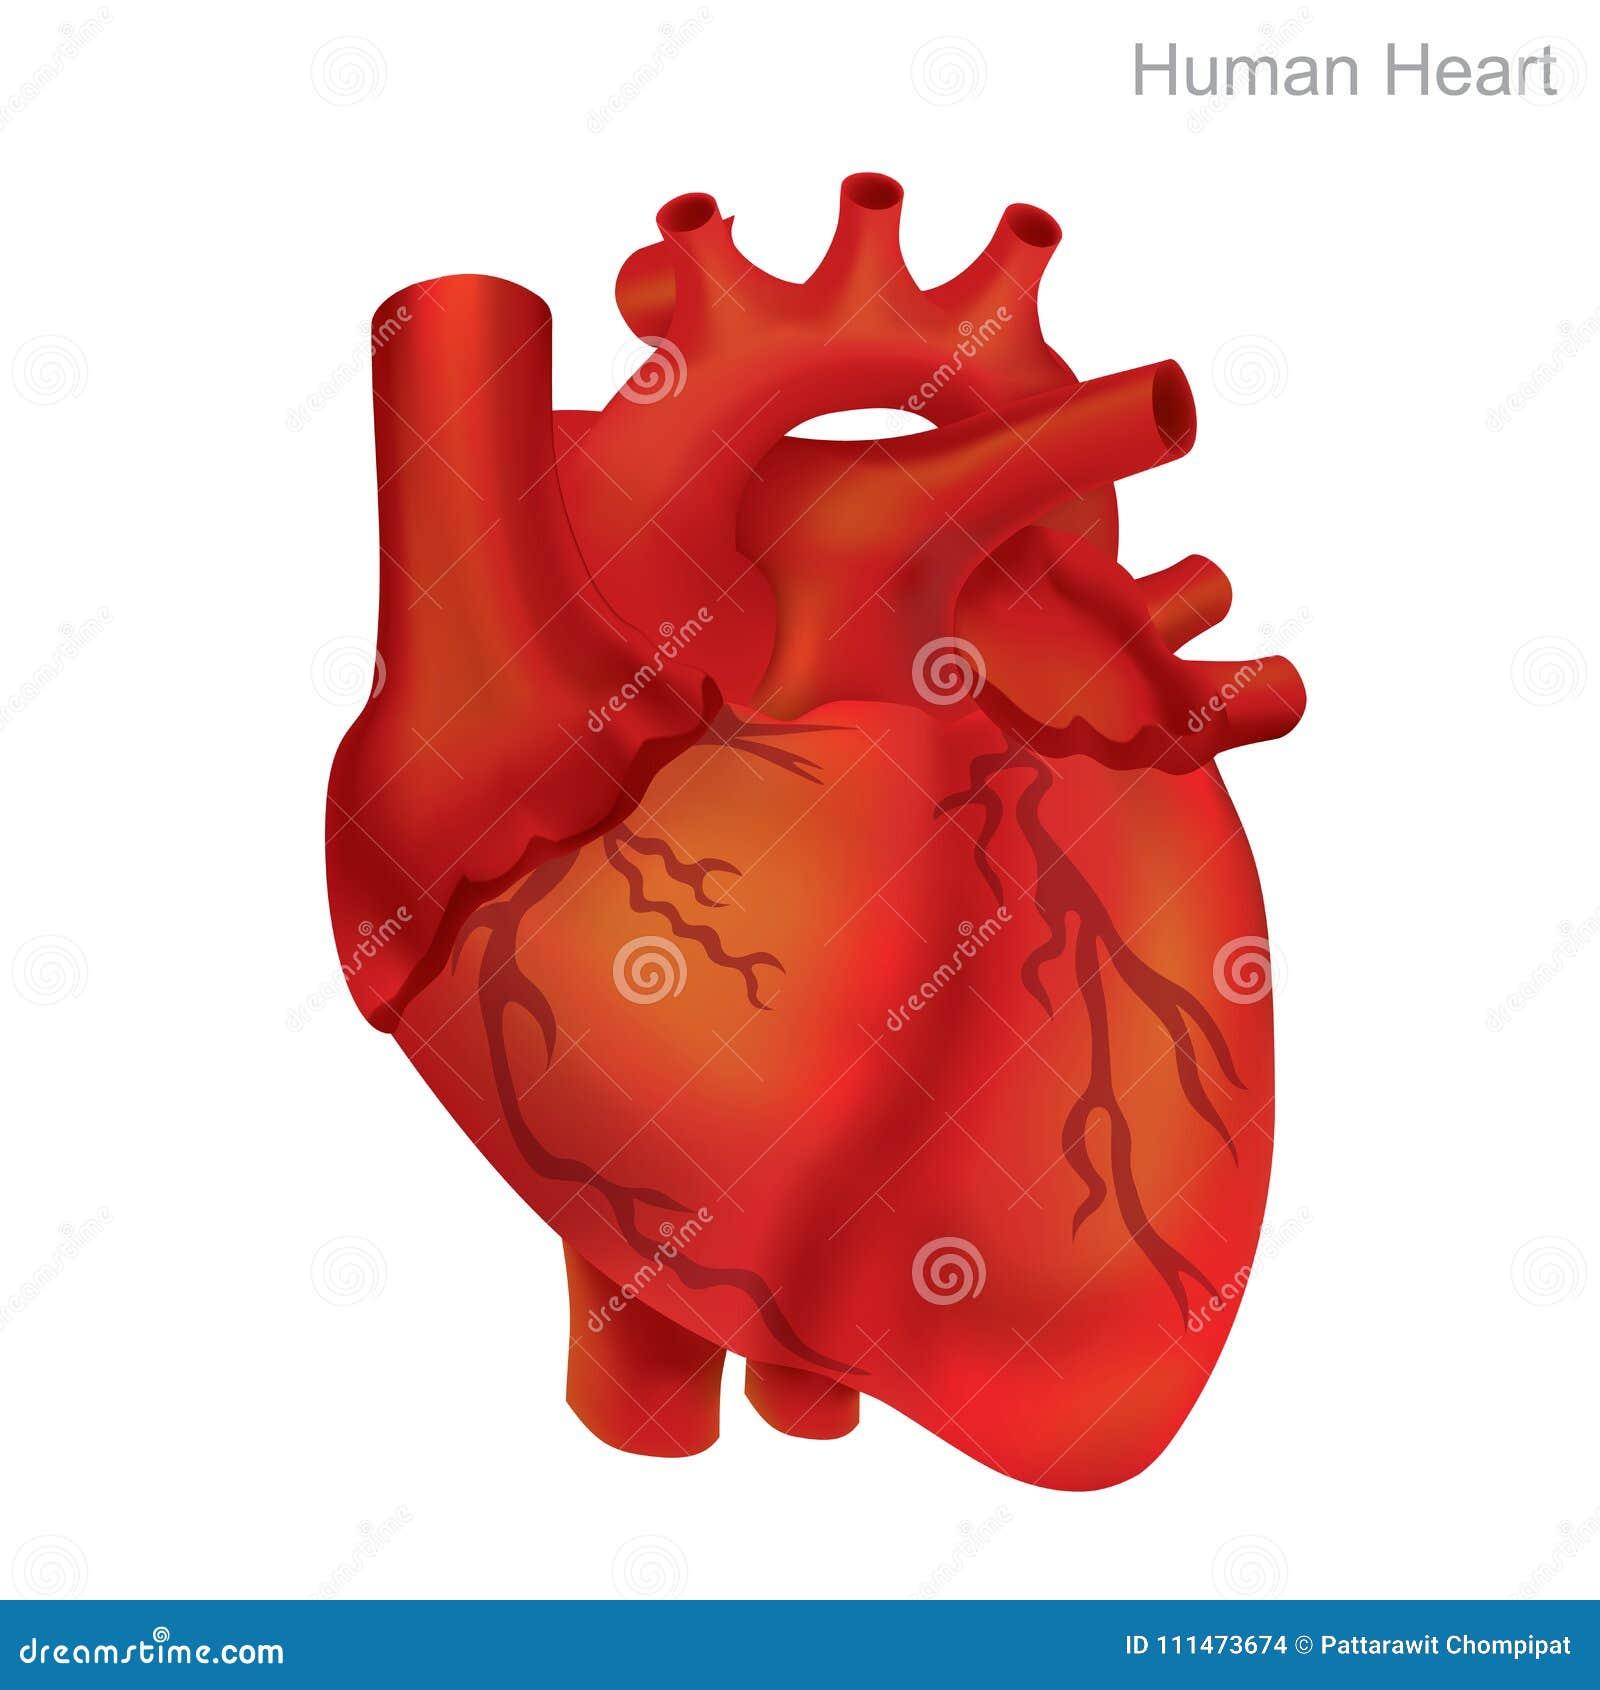 Het menselijke Hart isoleert Angioplasty is een endovascular procedure om versmalde of belemmerde slagaders of aders, typisch aan